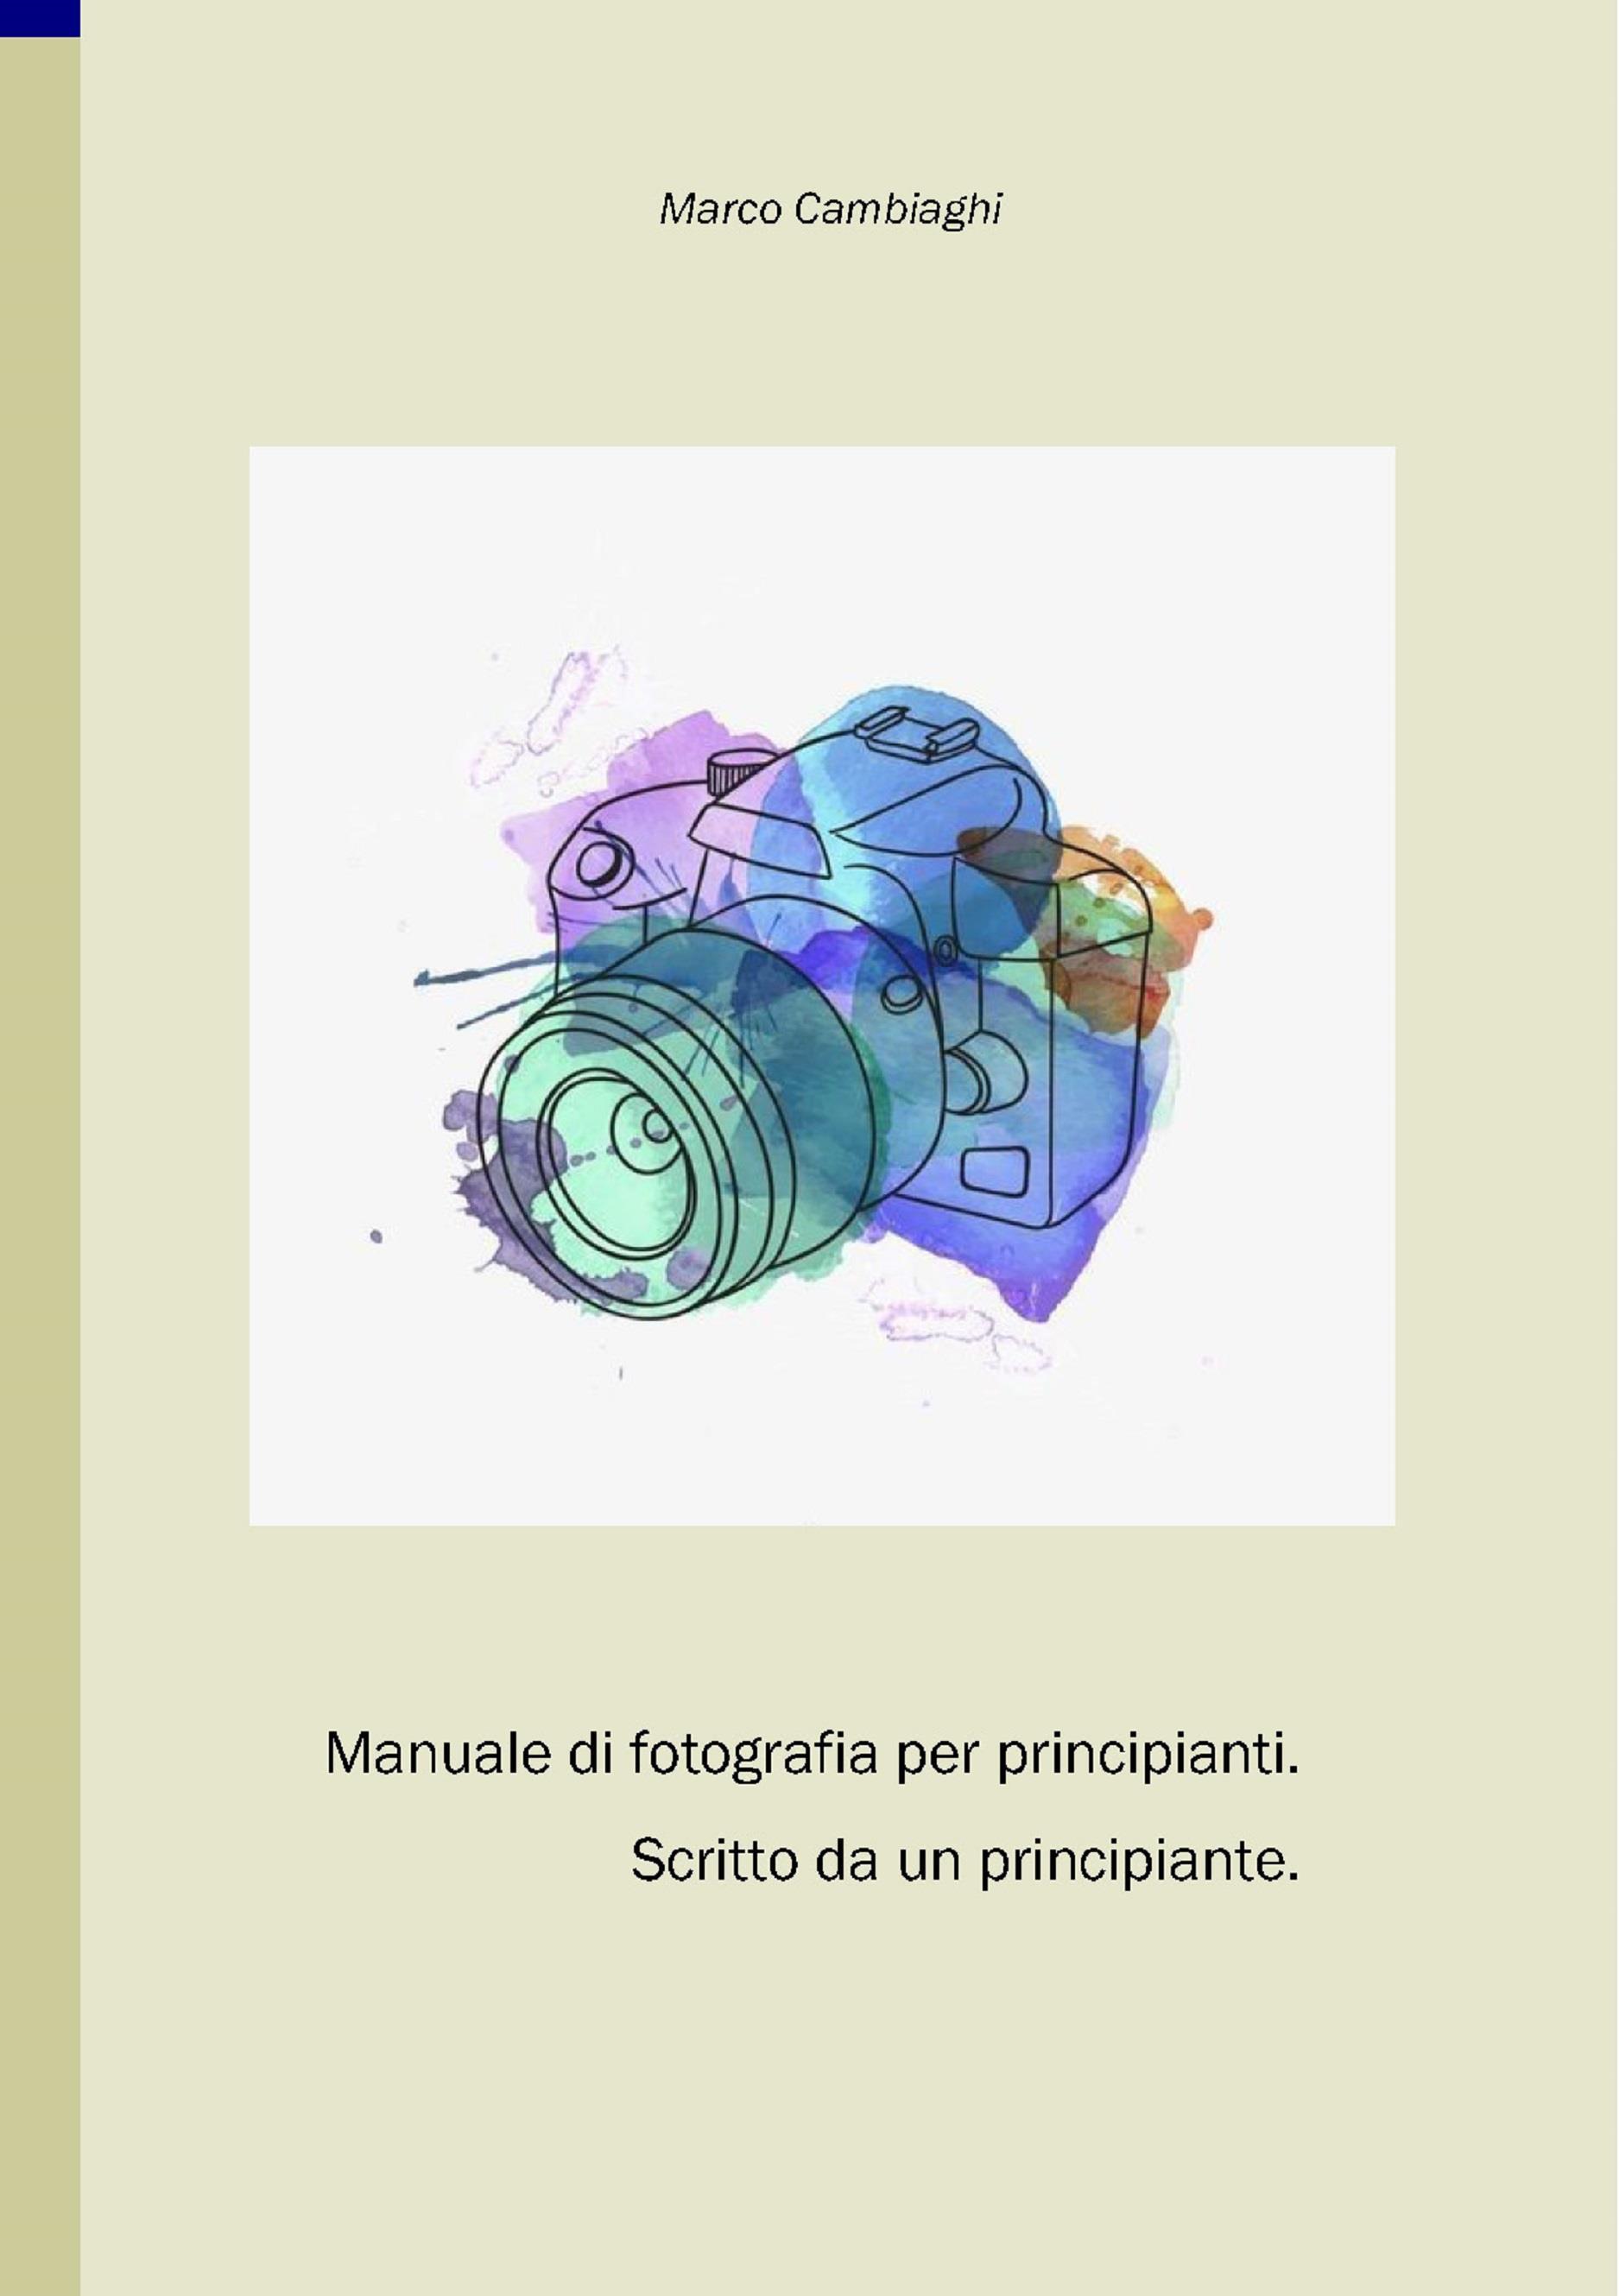 Manuale di fotografia per principianti, scritto da un principiante.